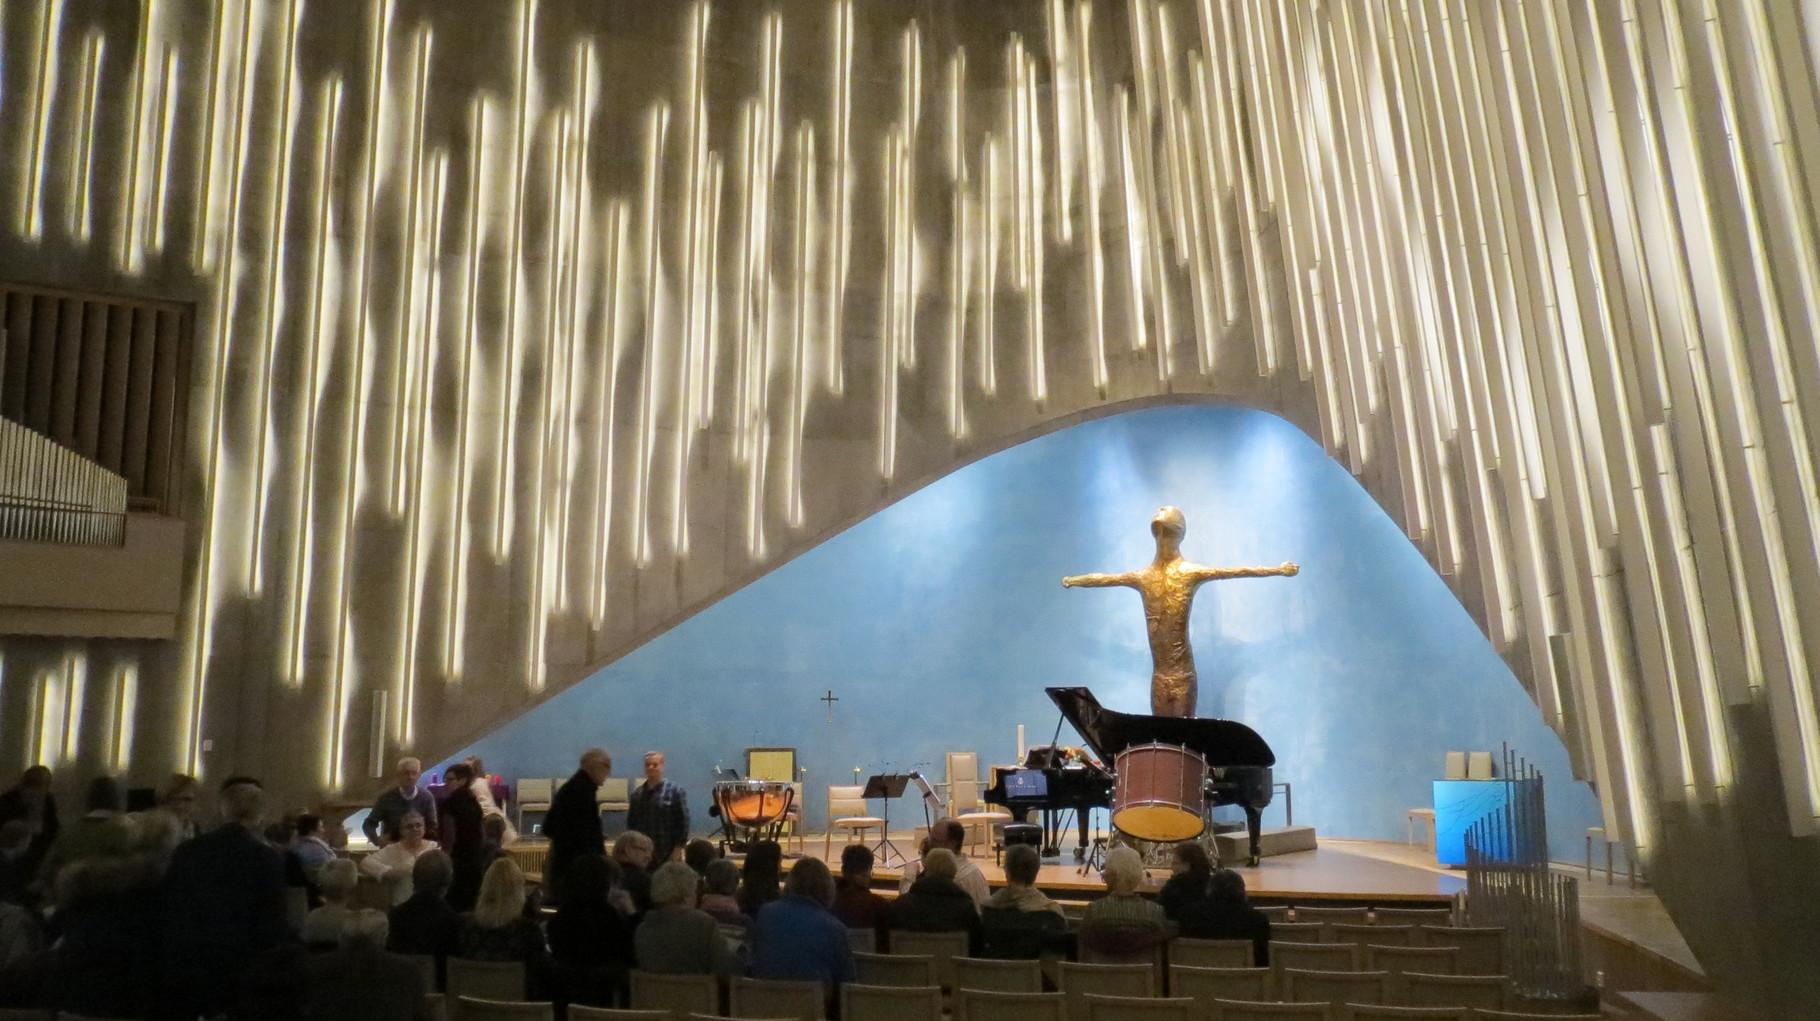 Riesiger Bronzechristus, die Wand von Altas Kindergarten blau gemalt und Nordlichtlampen an der Wand ...